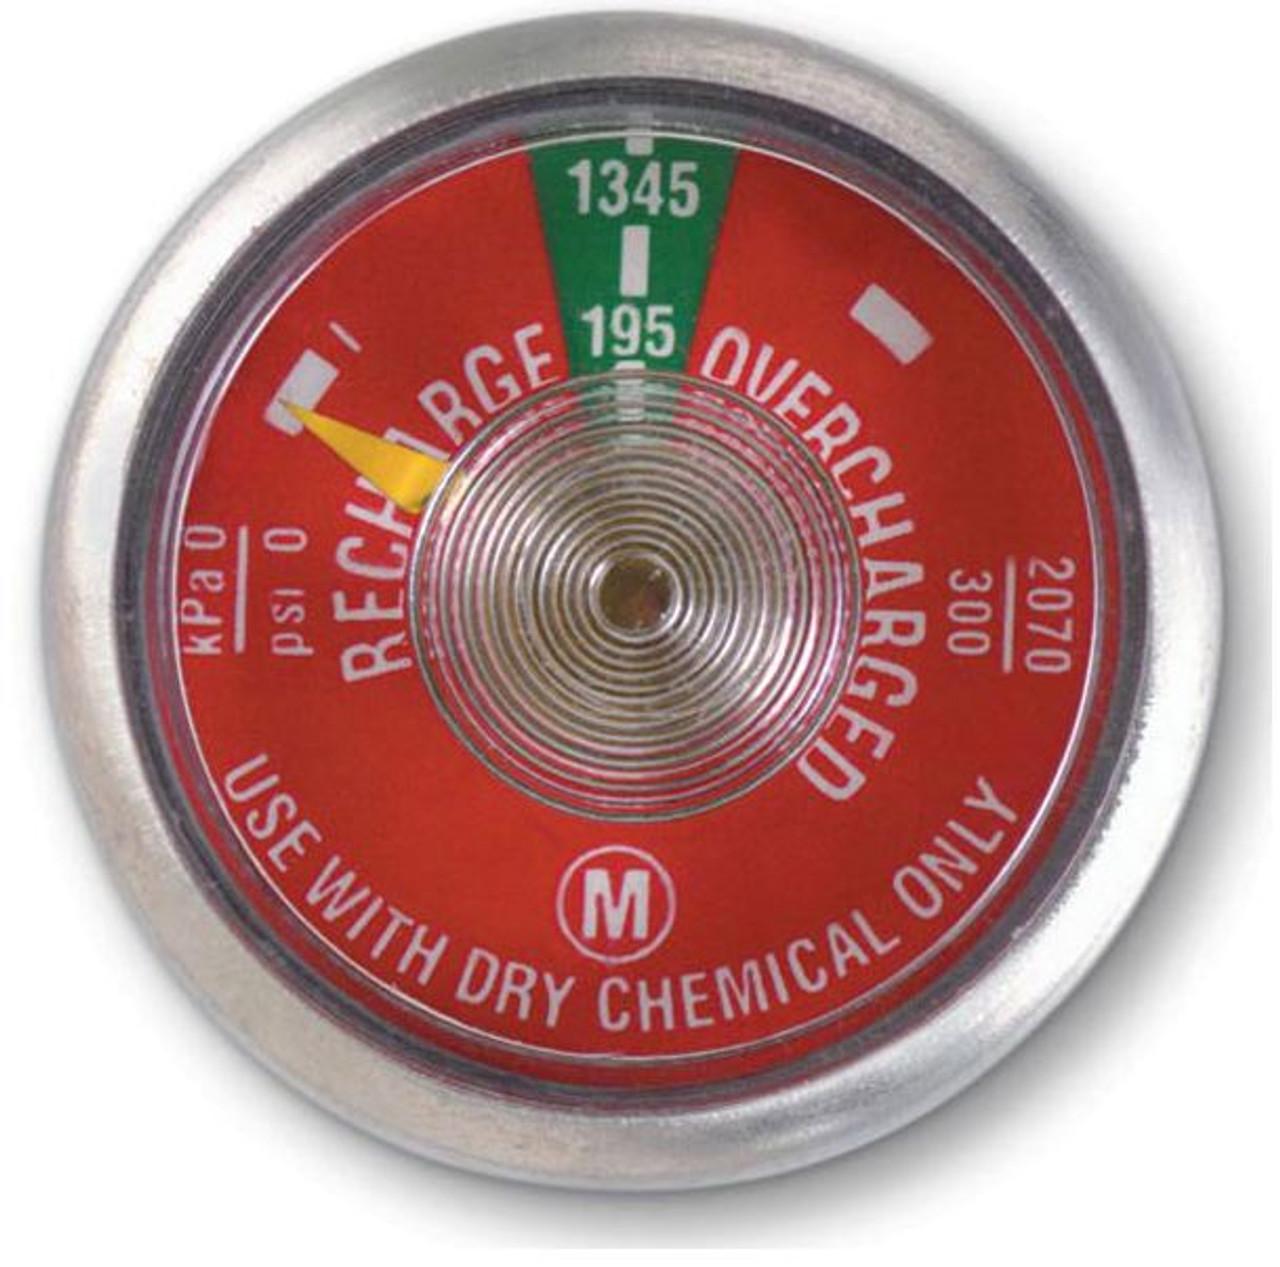 293789K - 100 lb Kidde Dry Chemical Fire Extinguisher Gauge